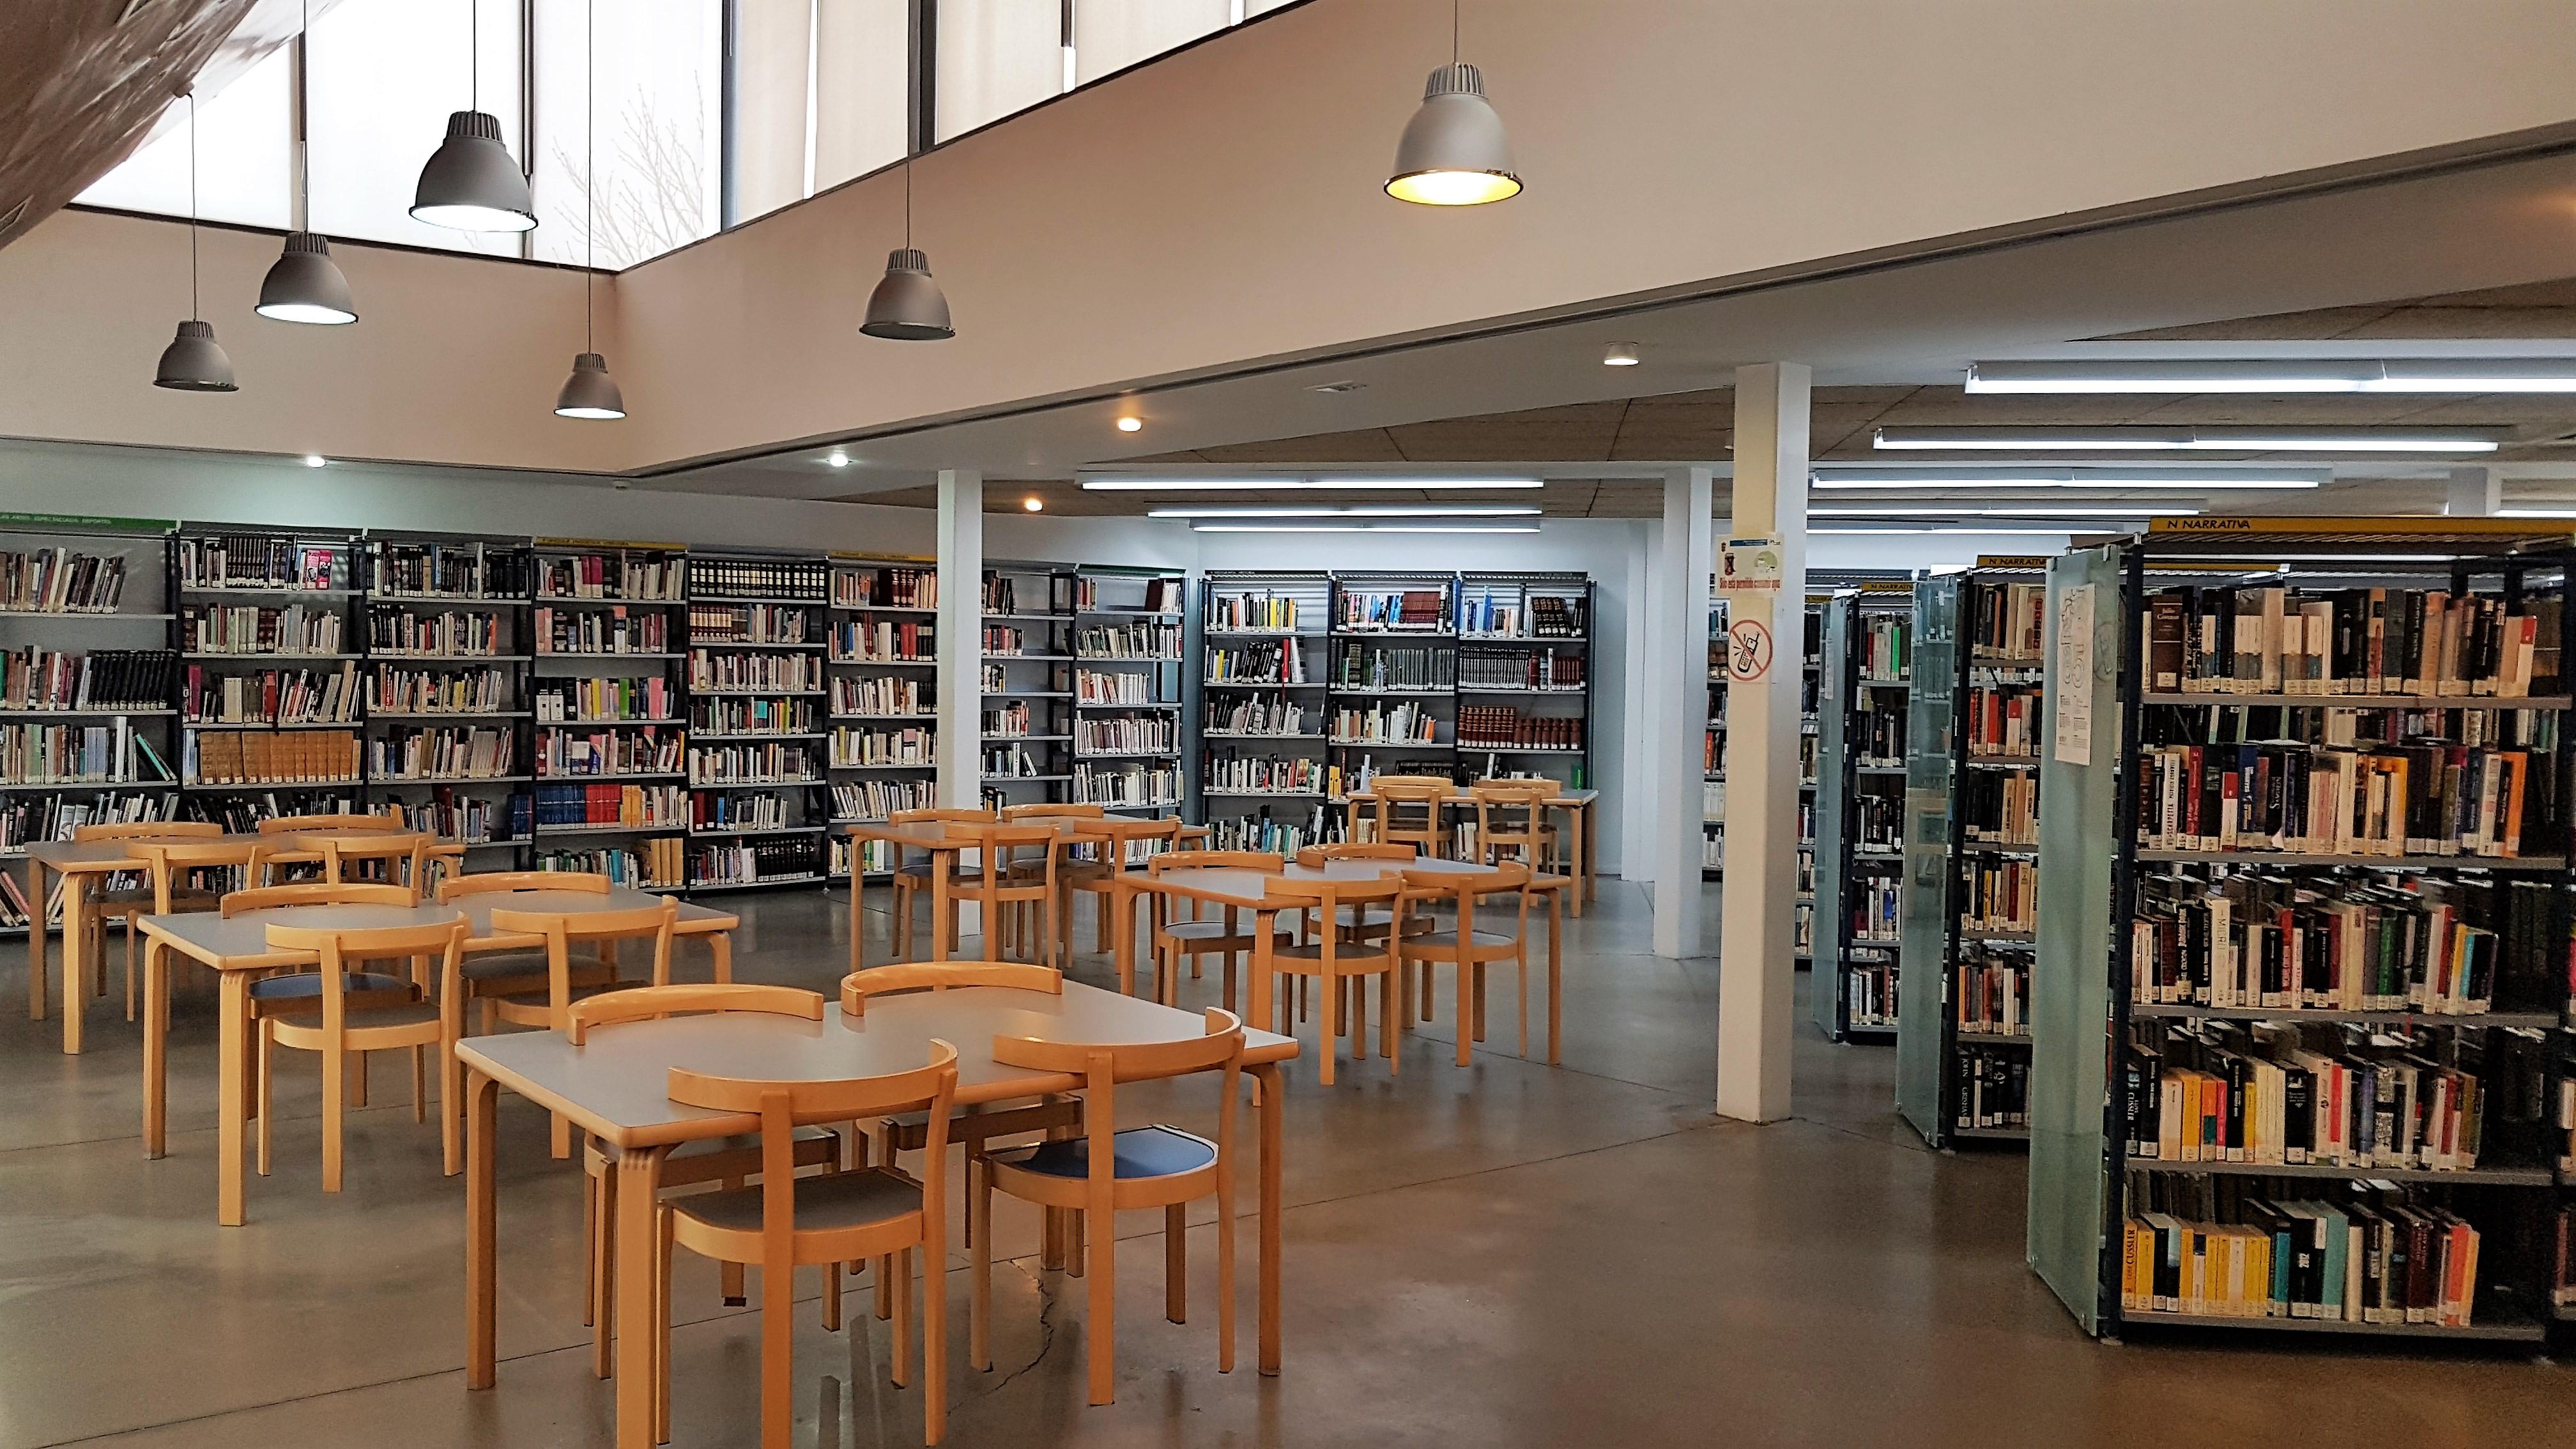 Nuevo horario de la biblioteca a partir del lunes 22 de junio